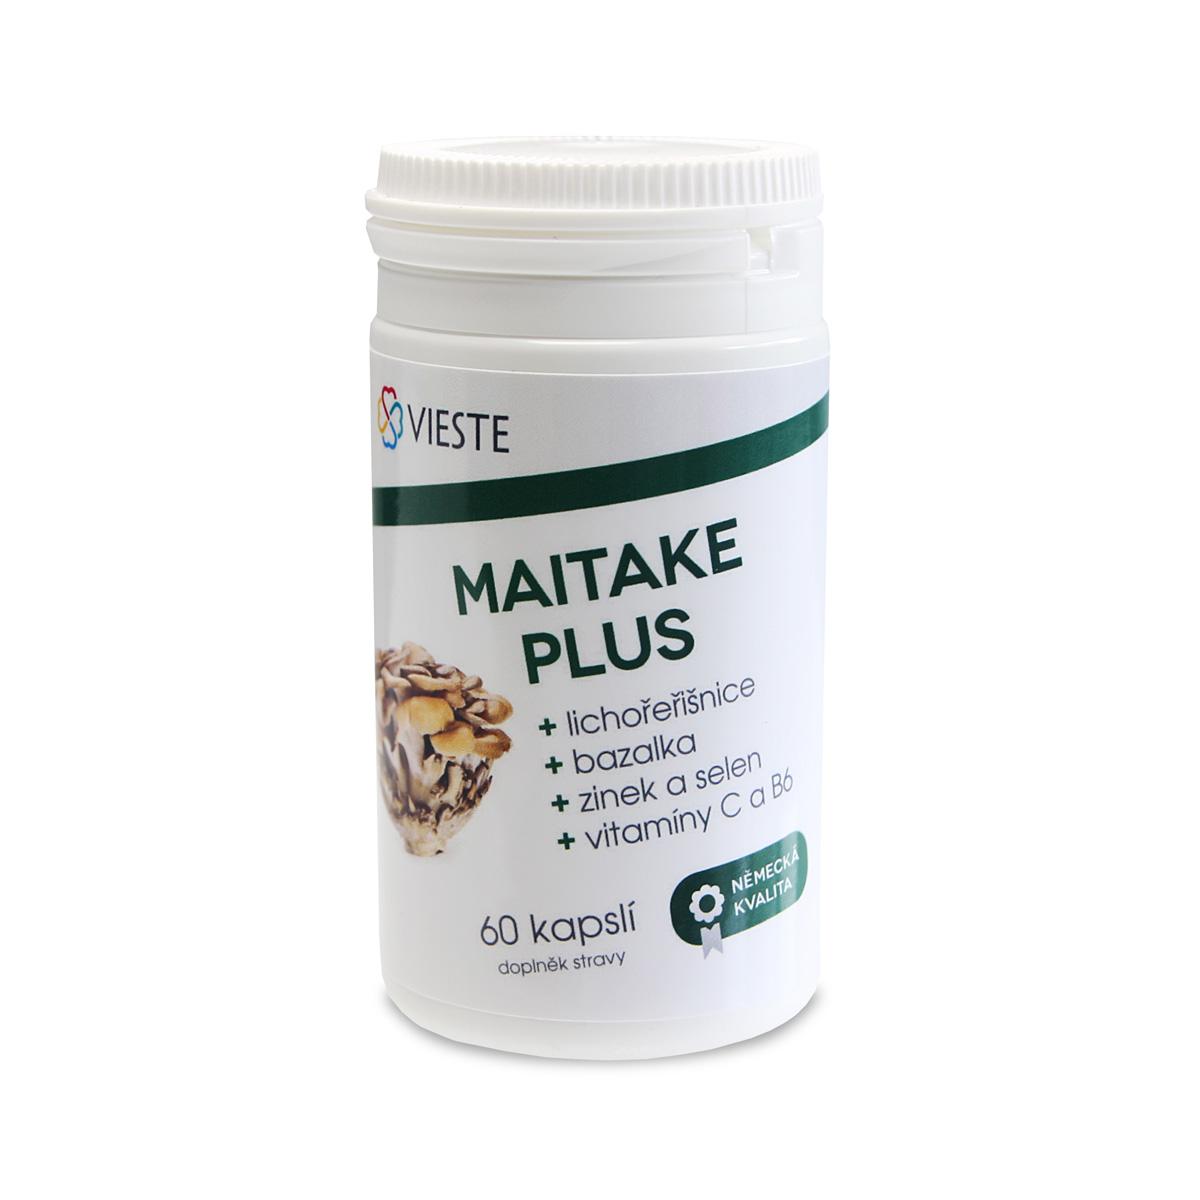 Vieste Maitake plus 60 cps